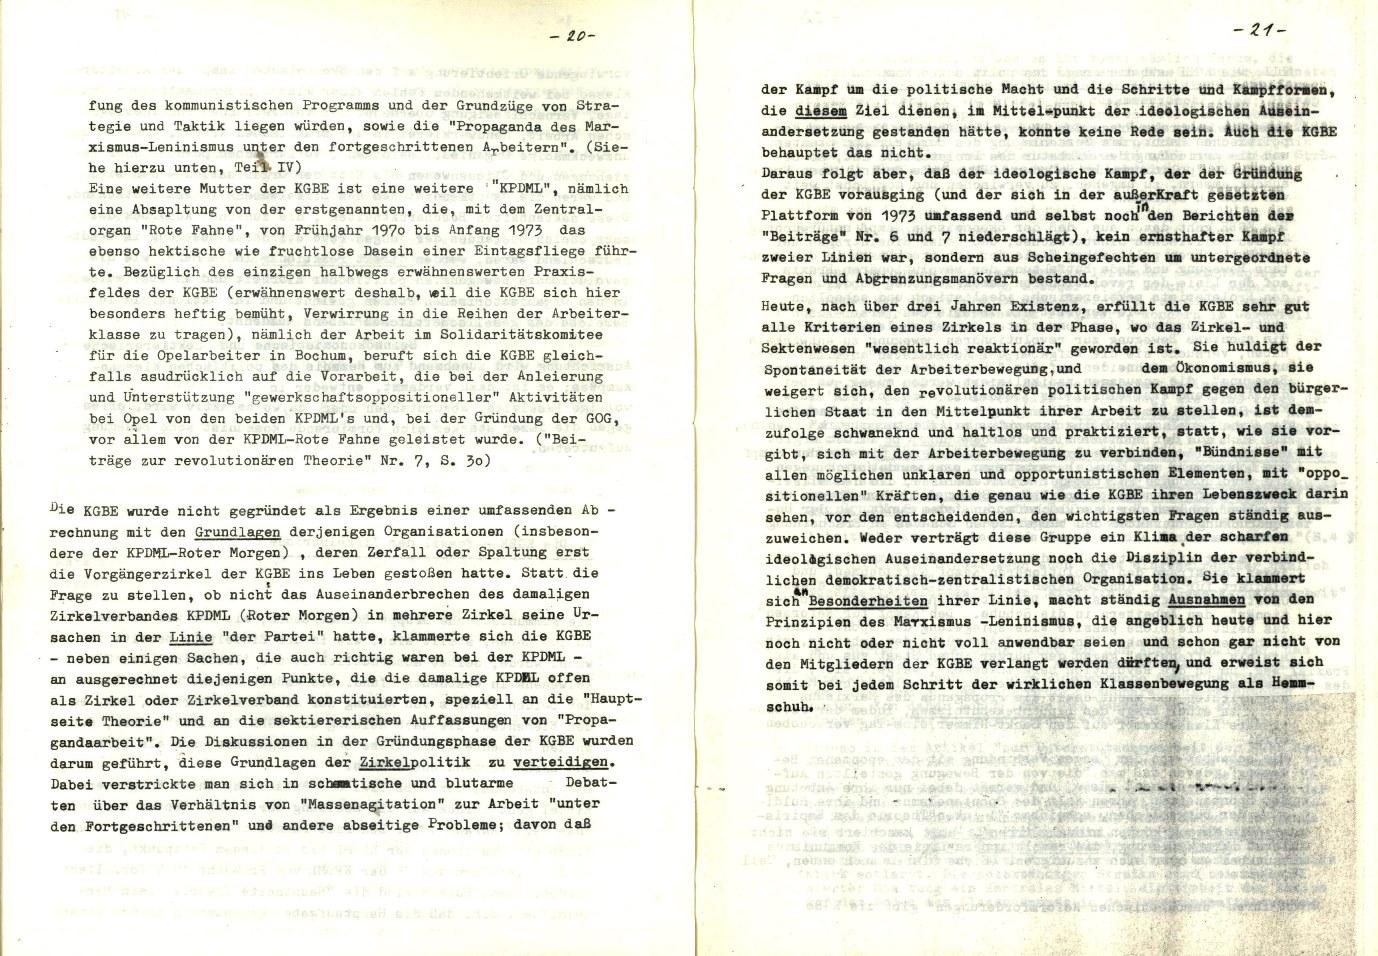 KGBE_Ehemalige_1977_Kritik_an_der_KGBE_14